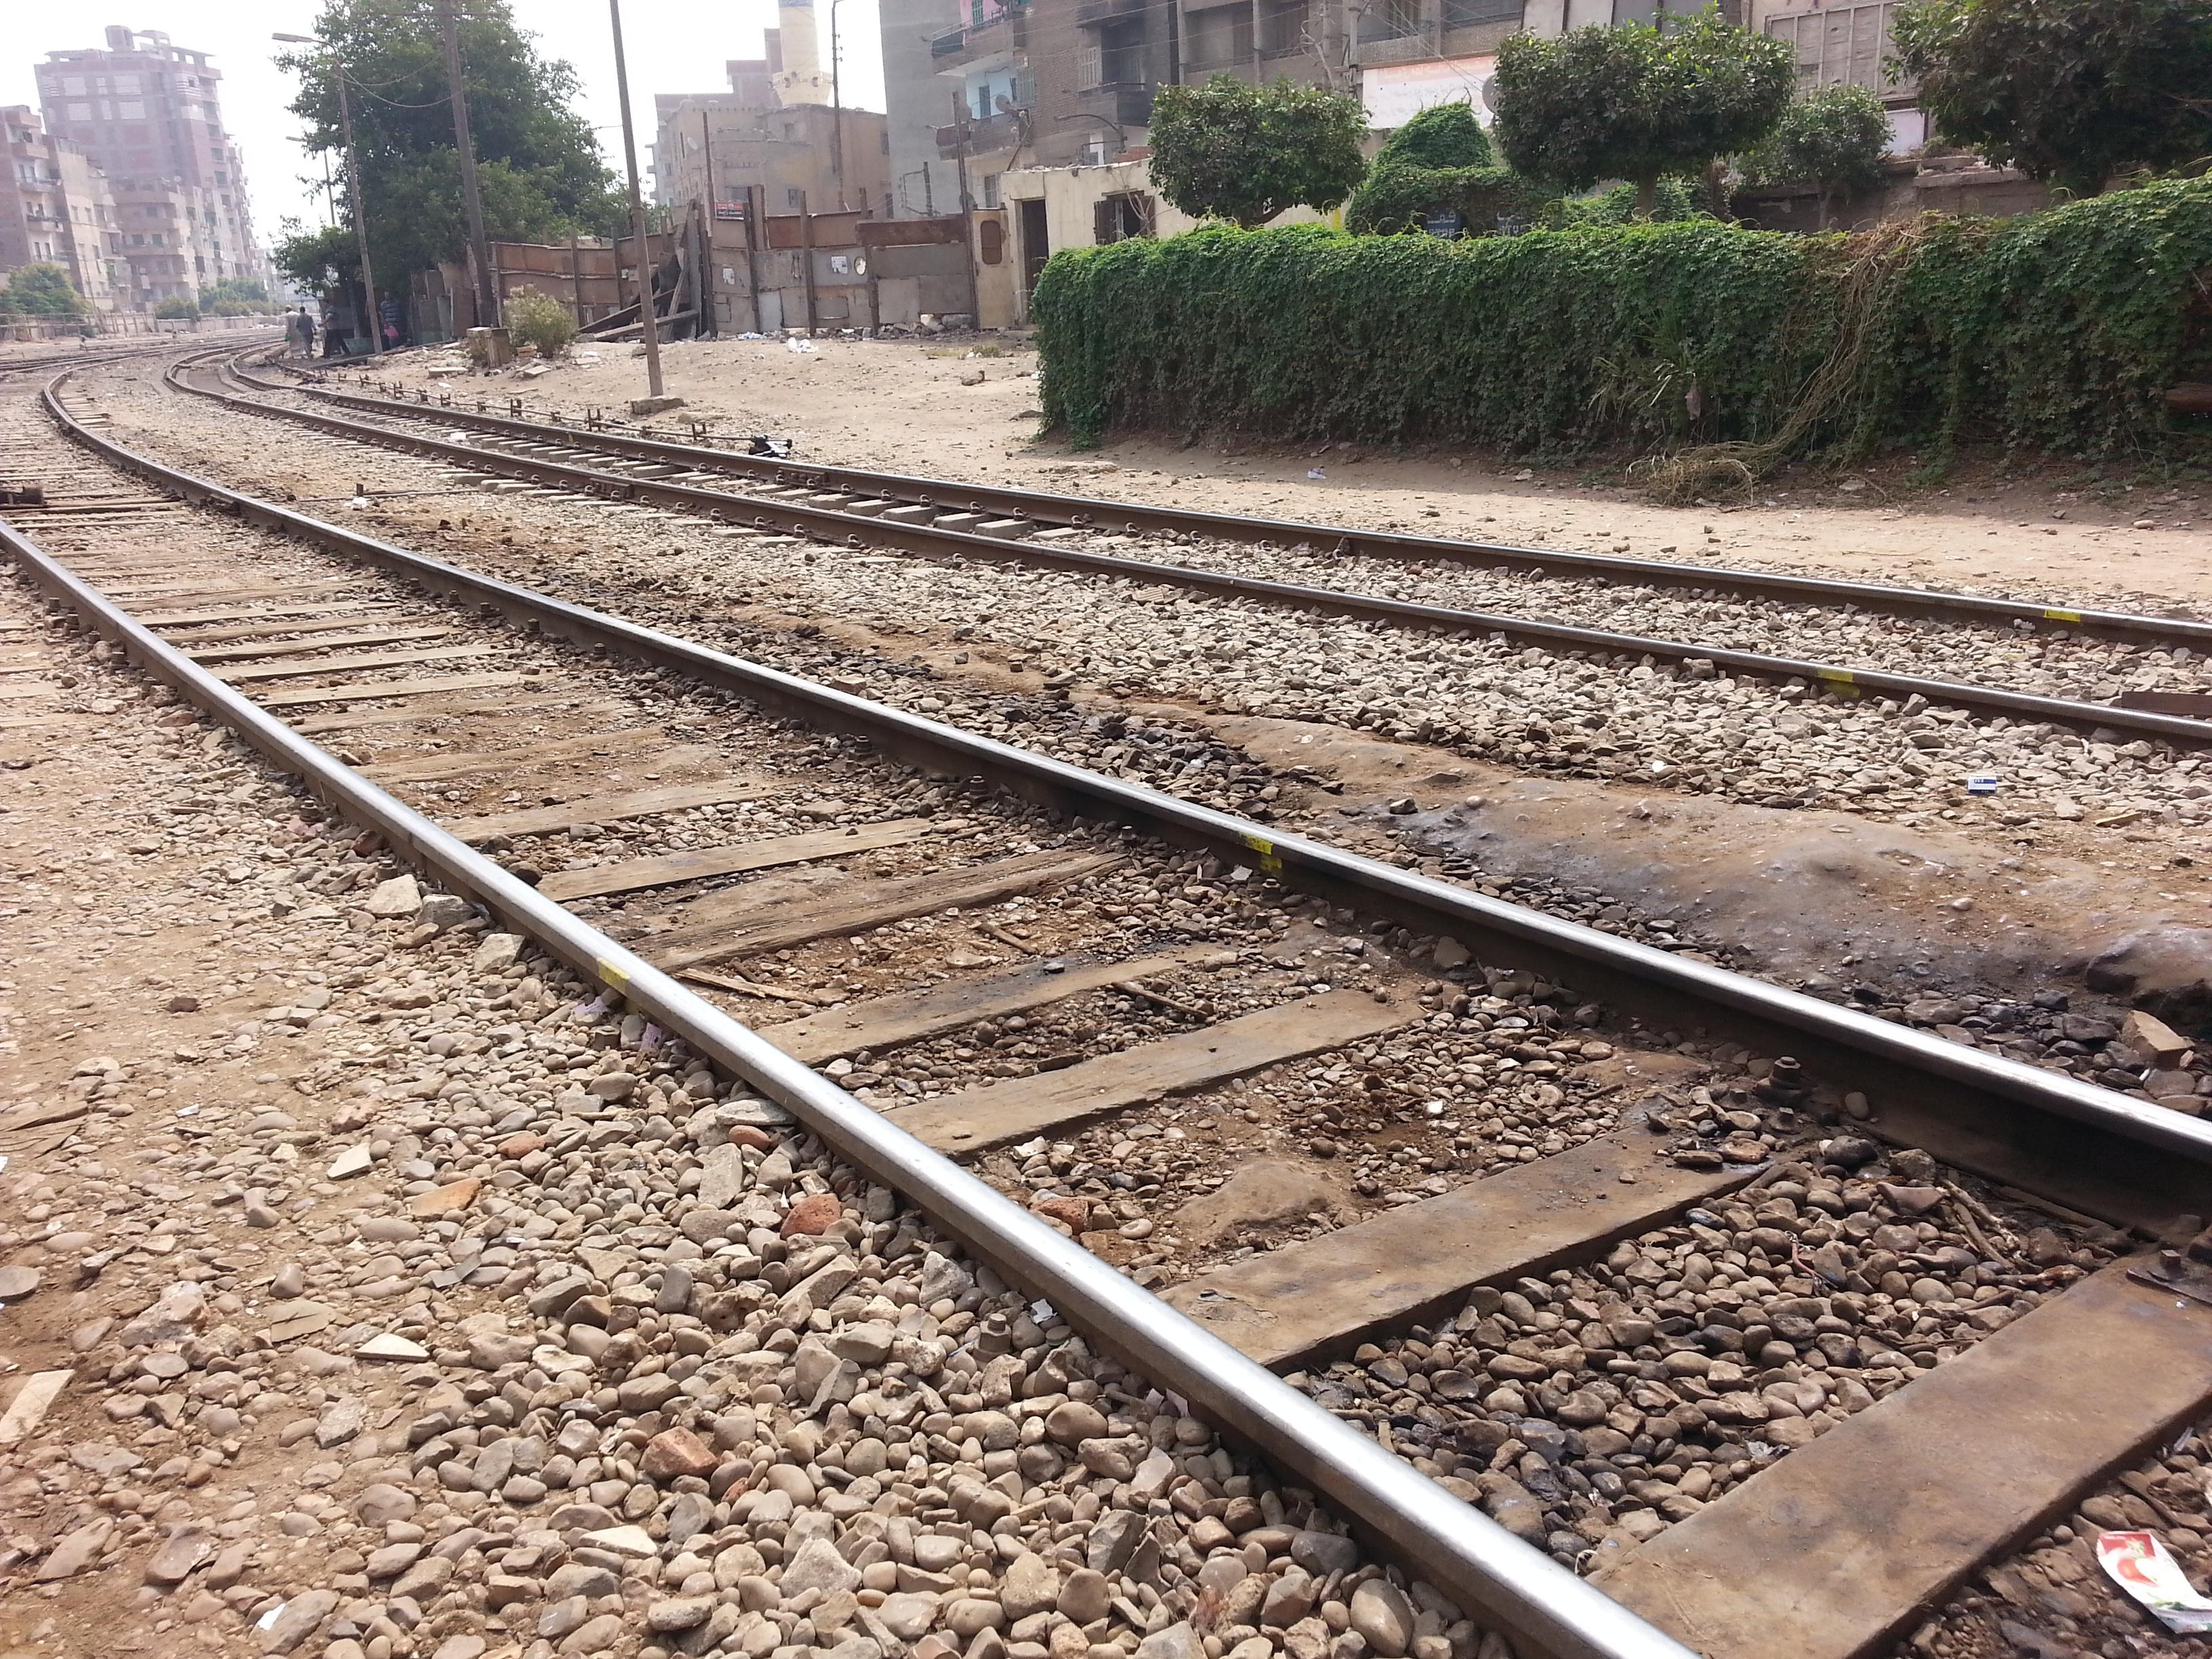 مواعيد قطارات القاهرة الإسكندرية 2019